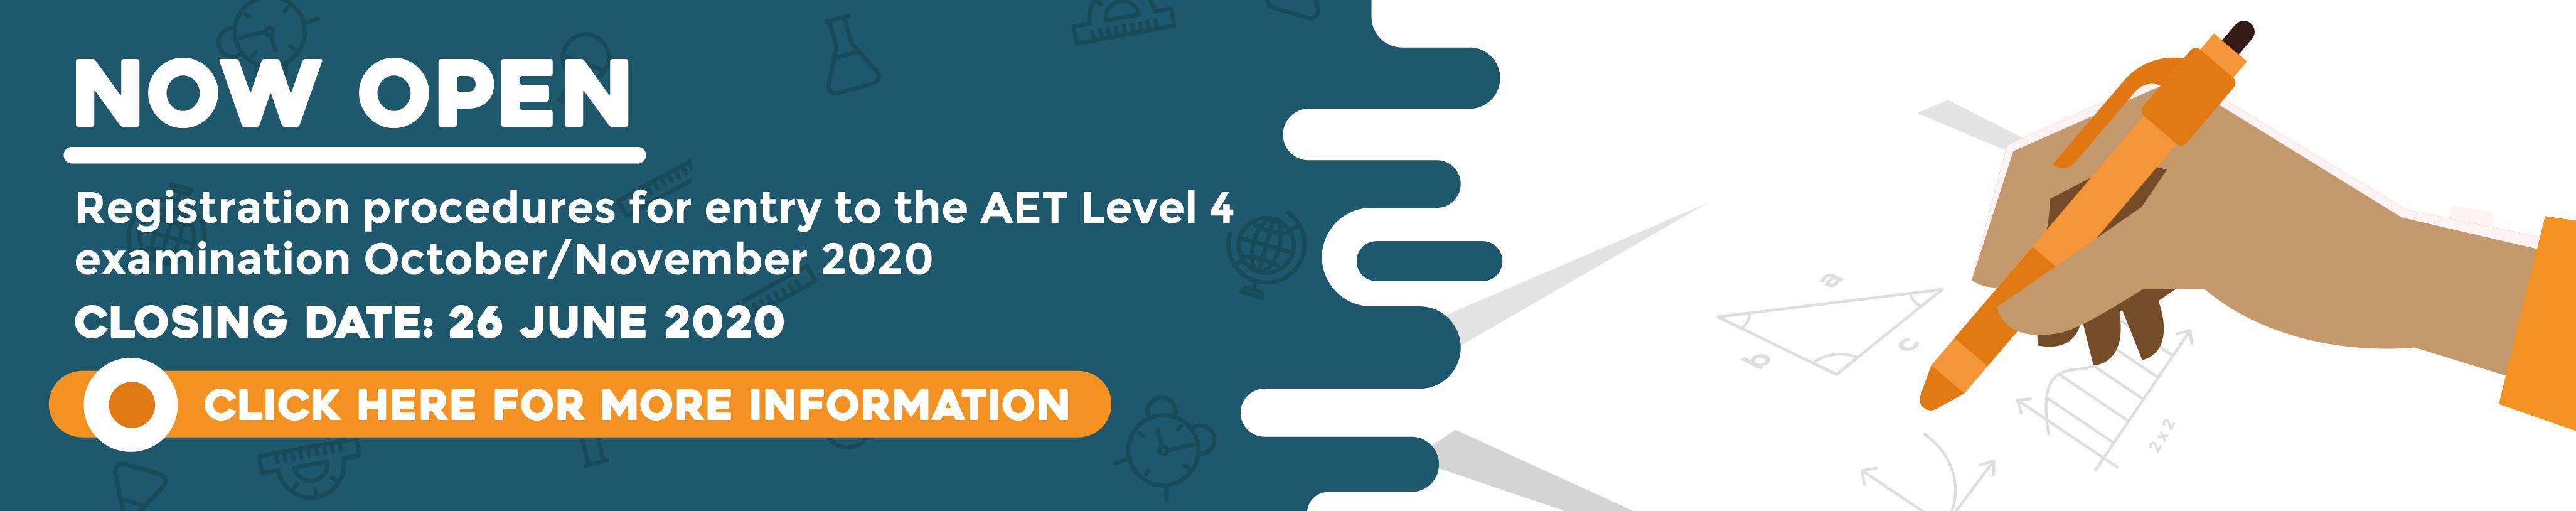 AET level 4 registration